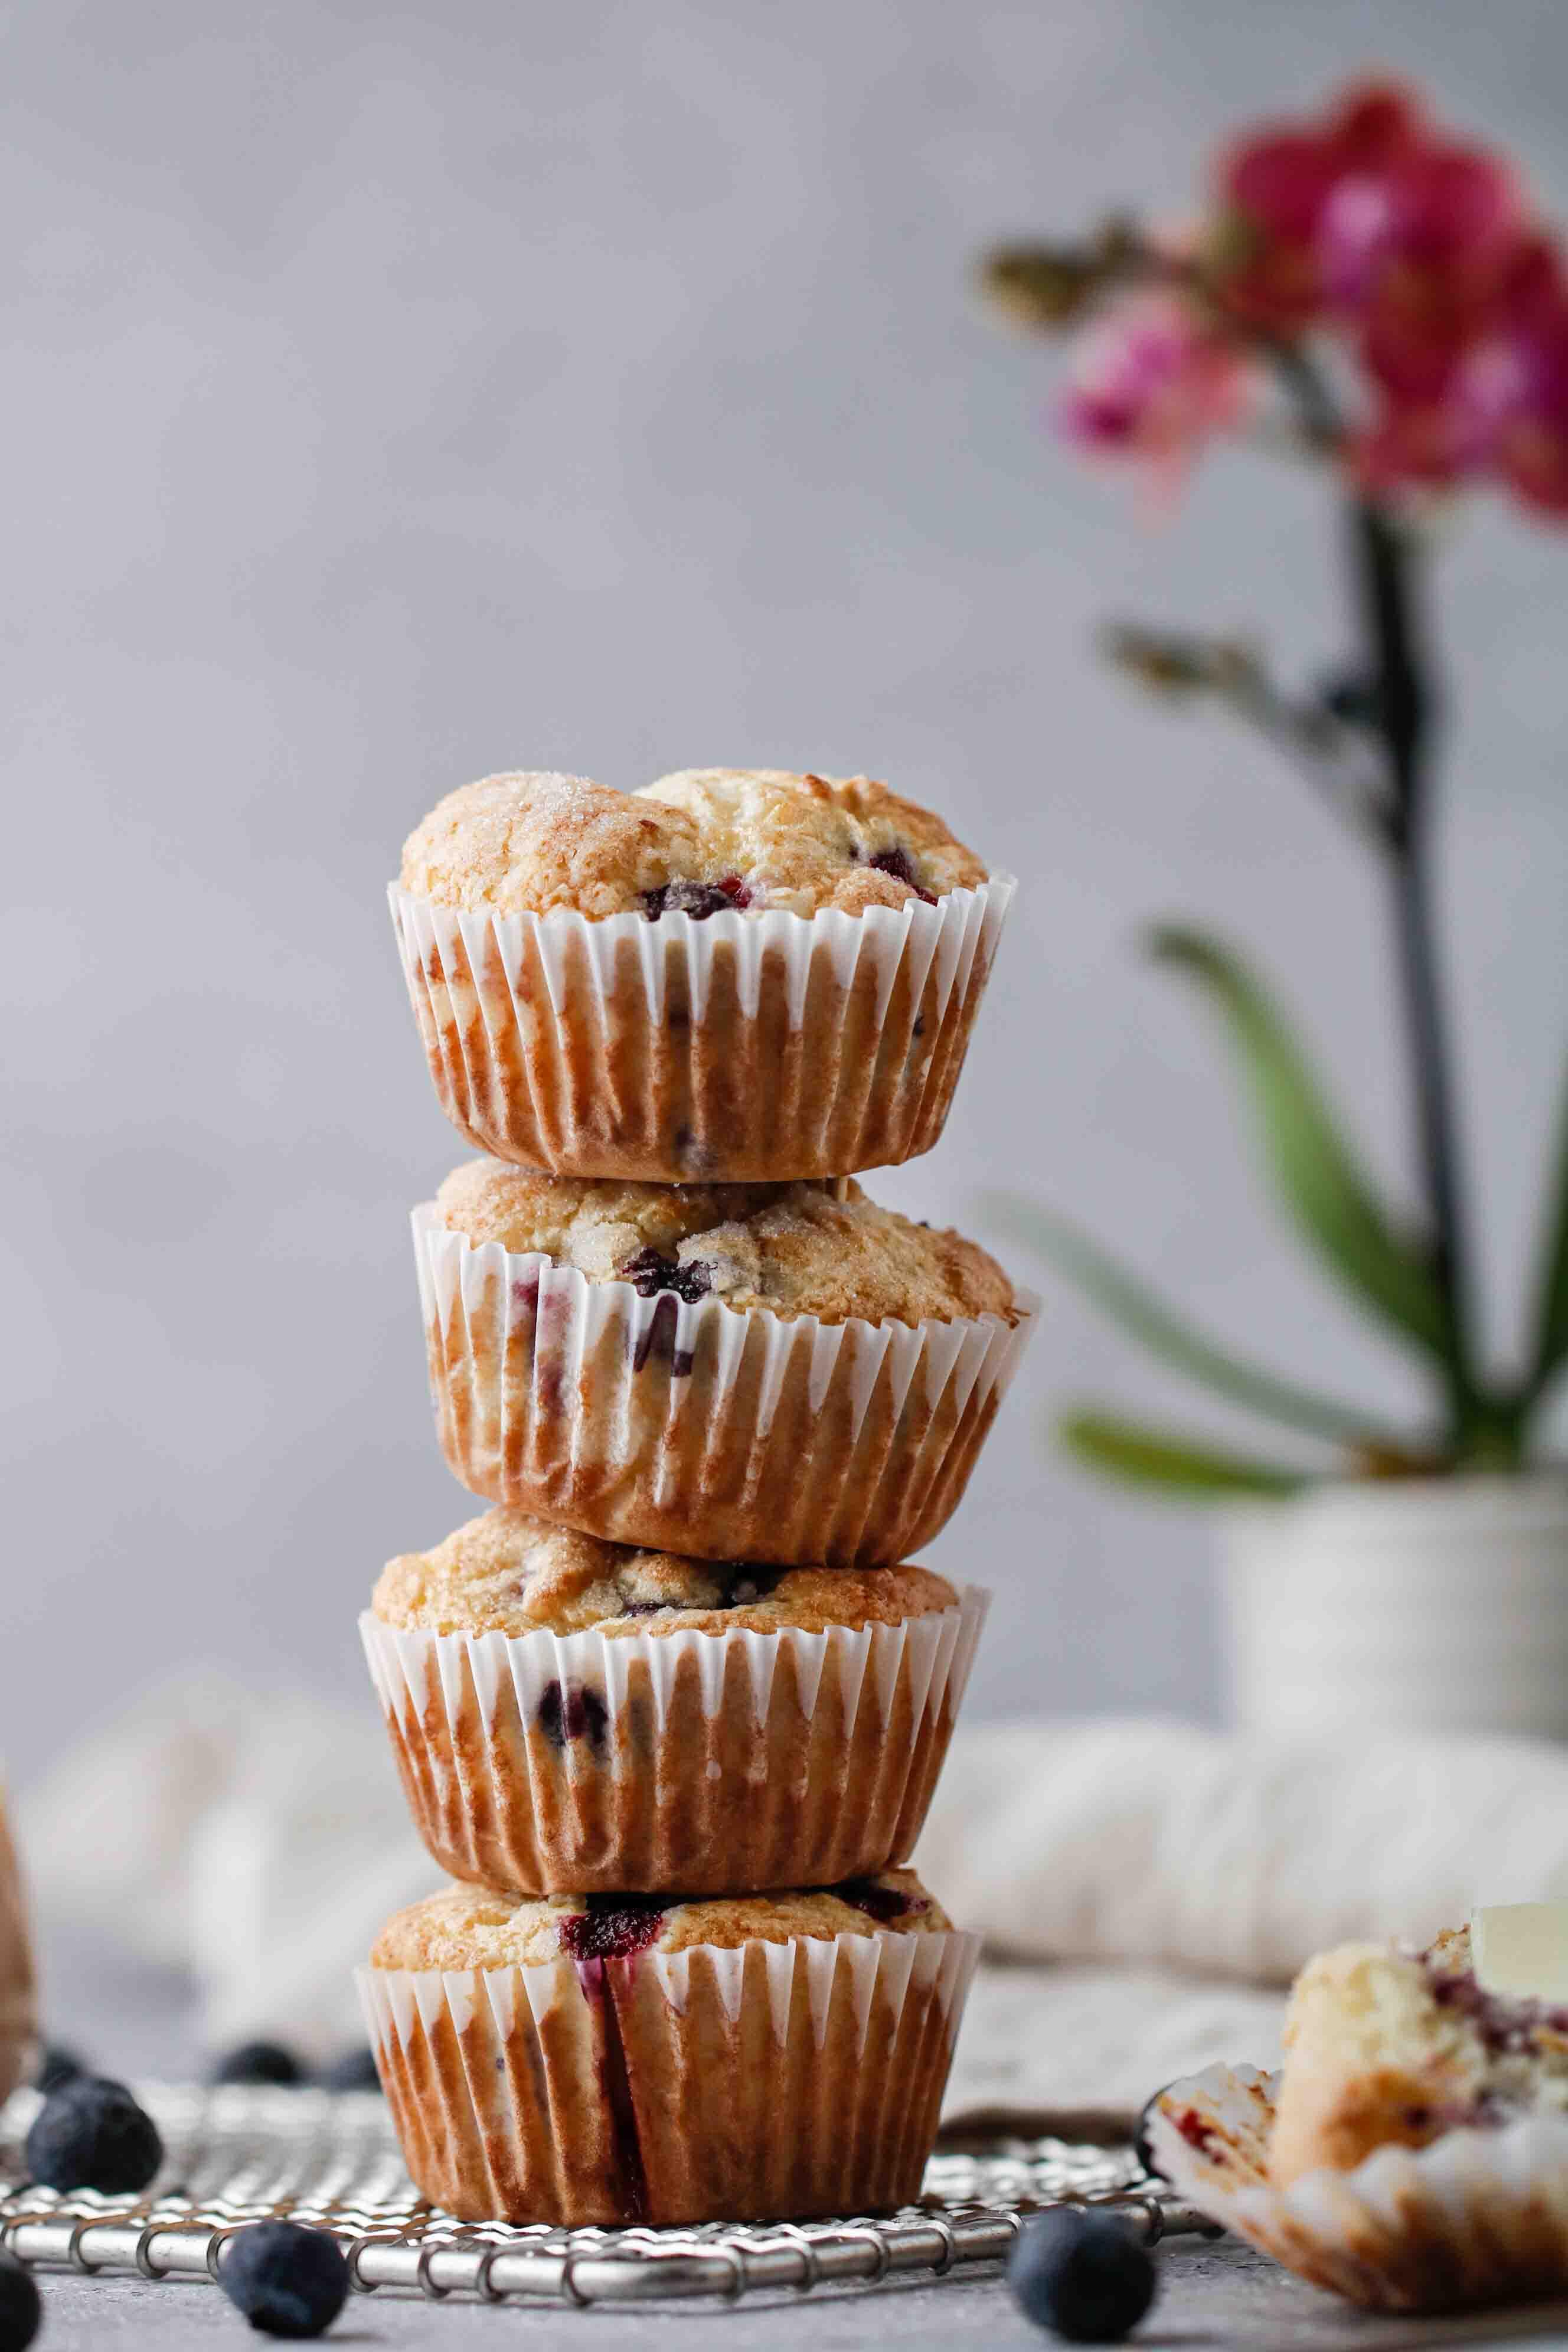 Pancake mix blueberry muffin recipe